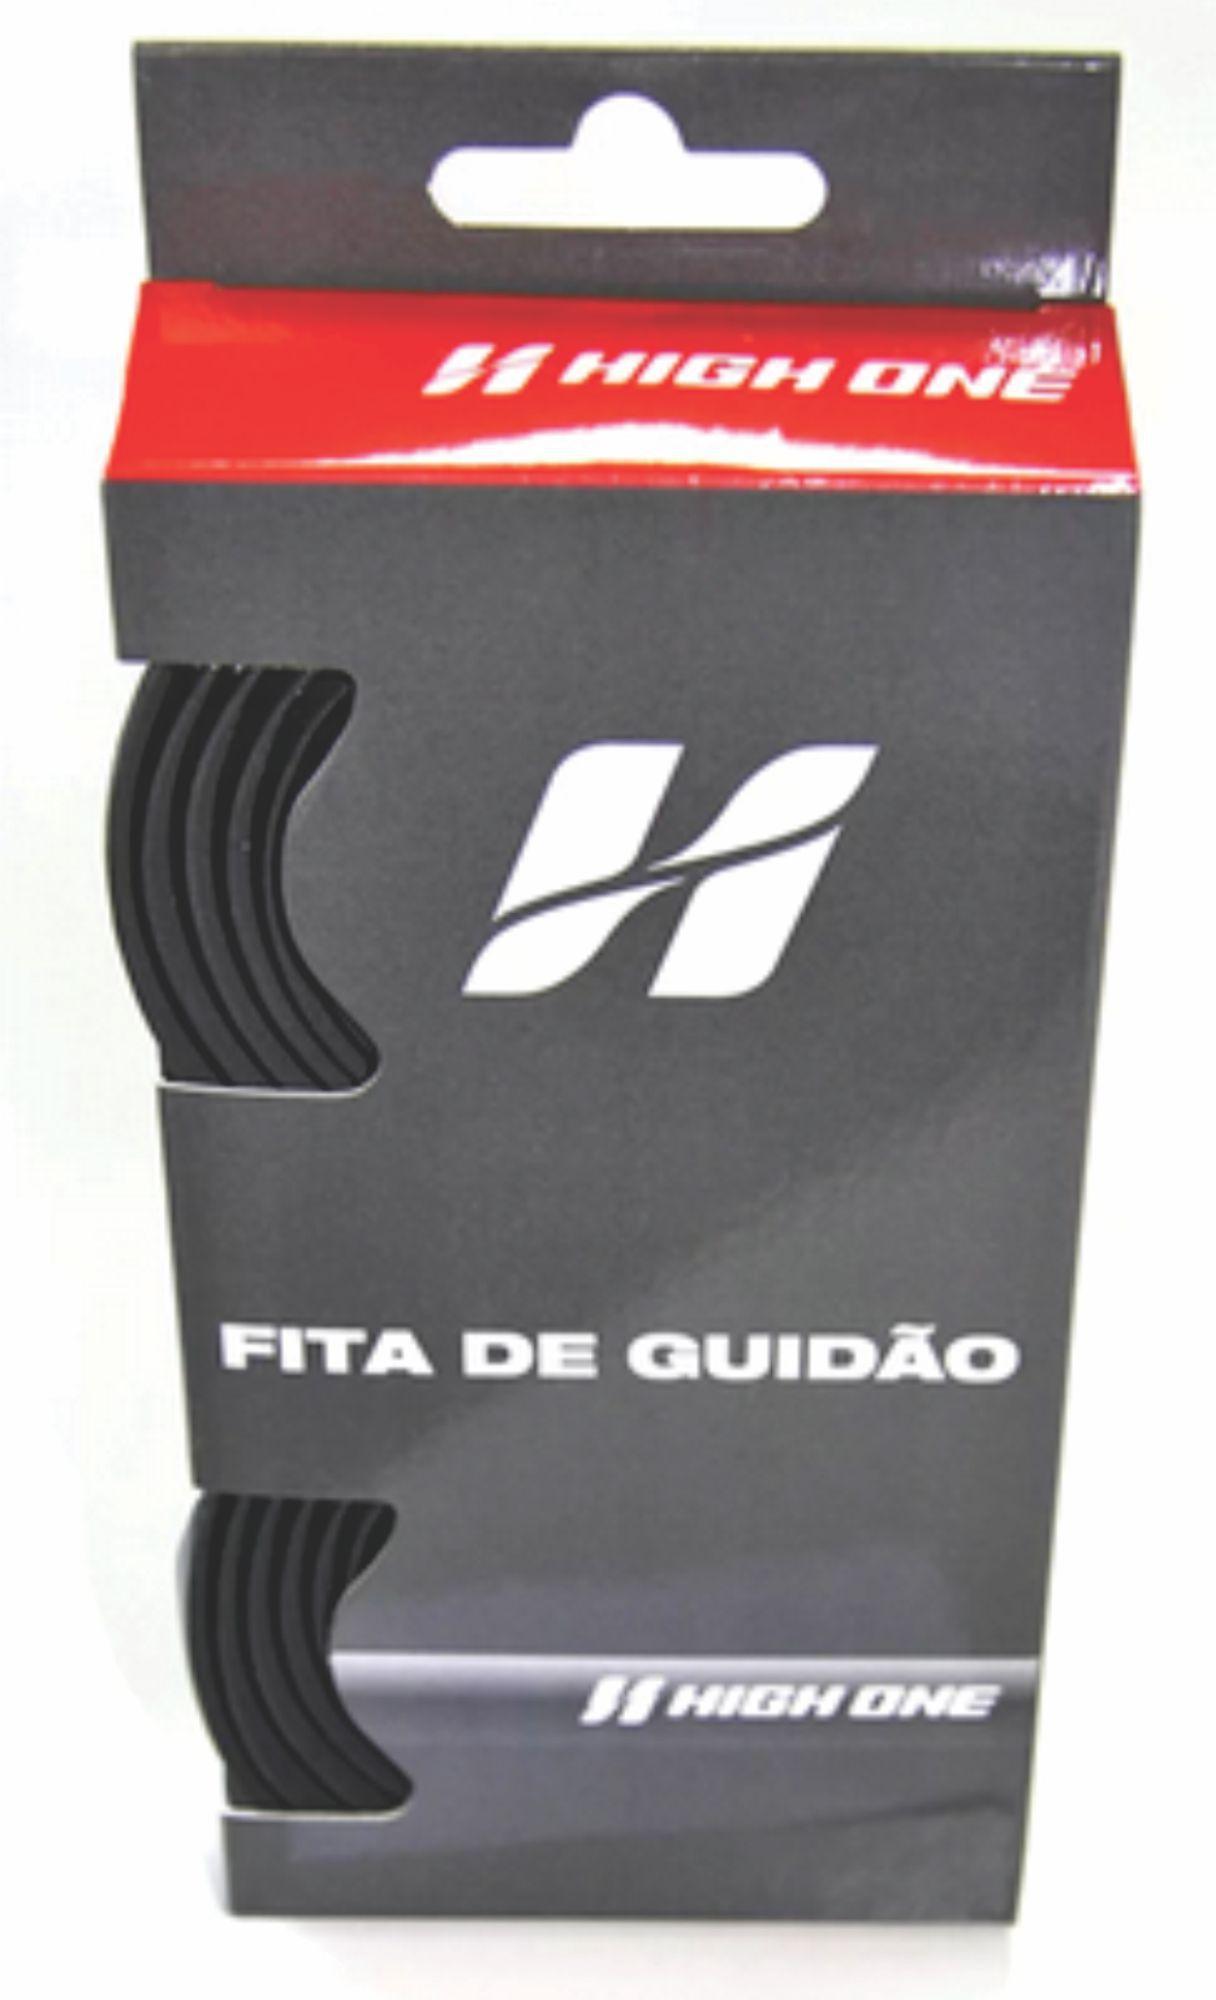 FITA DE GUIDÃO HIGH ONE